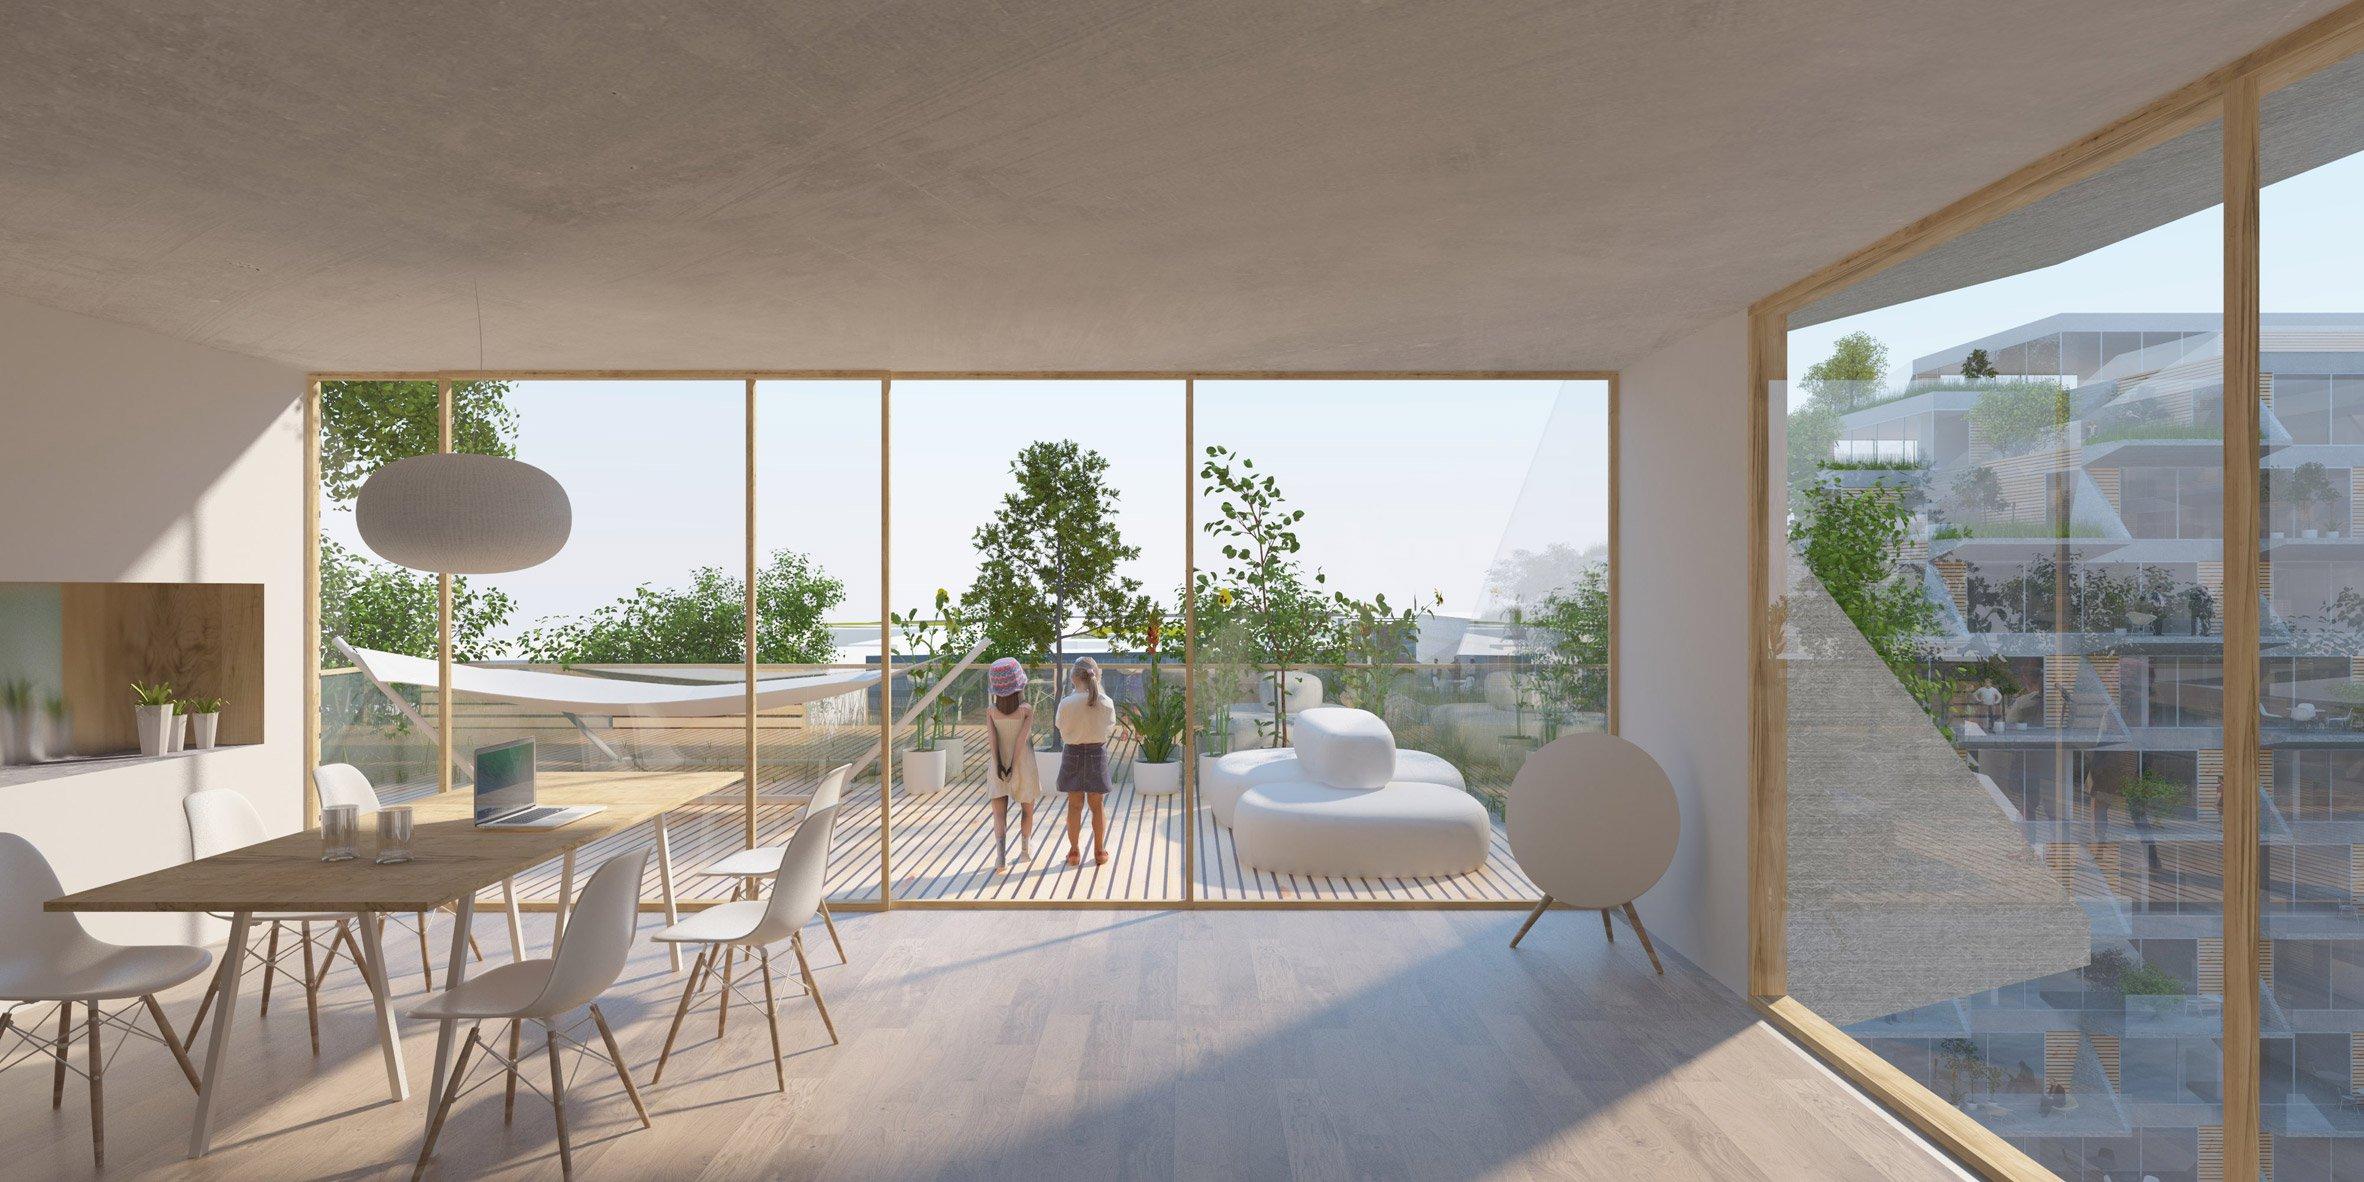 Sluishuis kiến trúc độc đáo tòa nhà thiết kế nổi.04